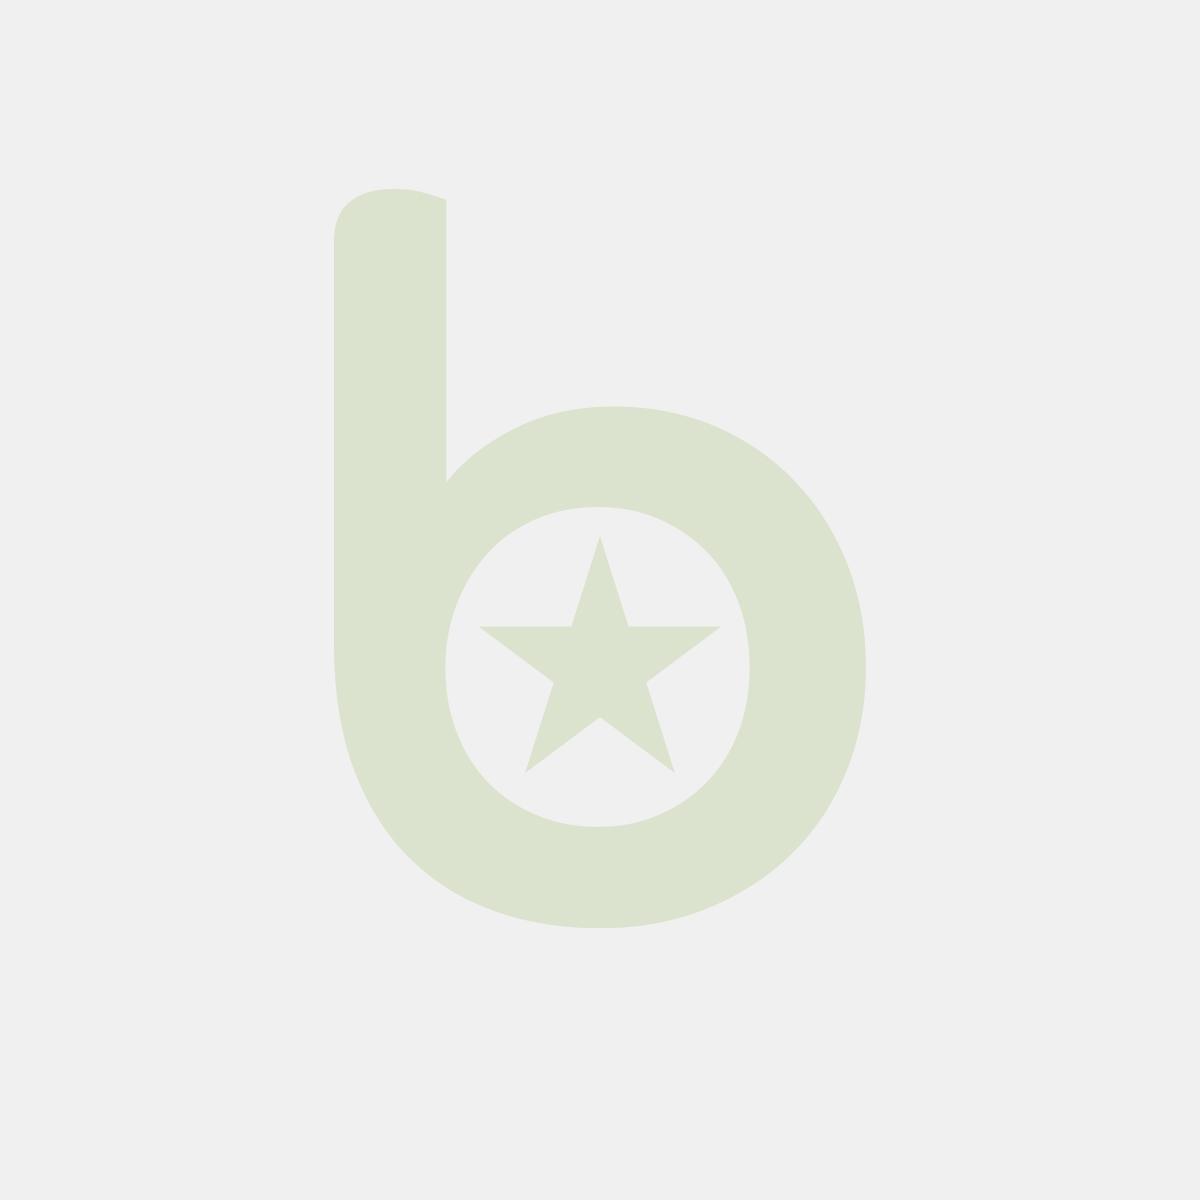 FINGERFOOD - miseczka kwadratowa biała 8,5x8,5x4,5cm z melaminy